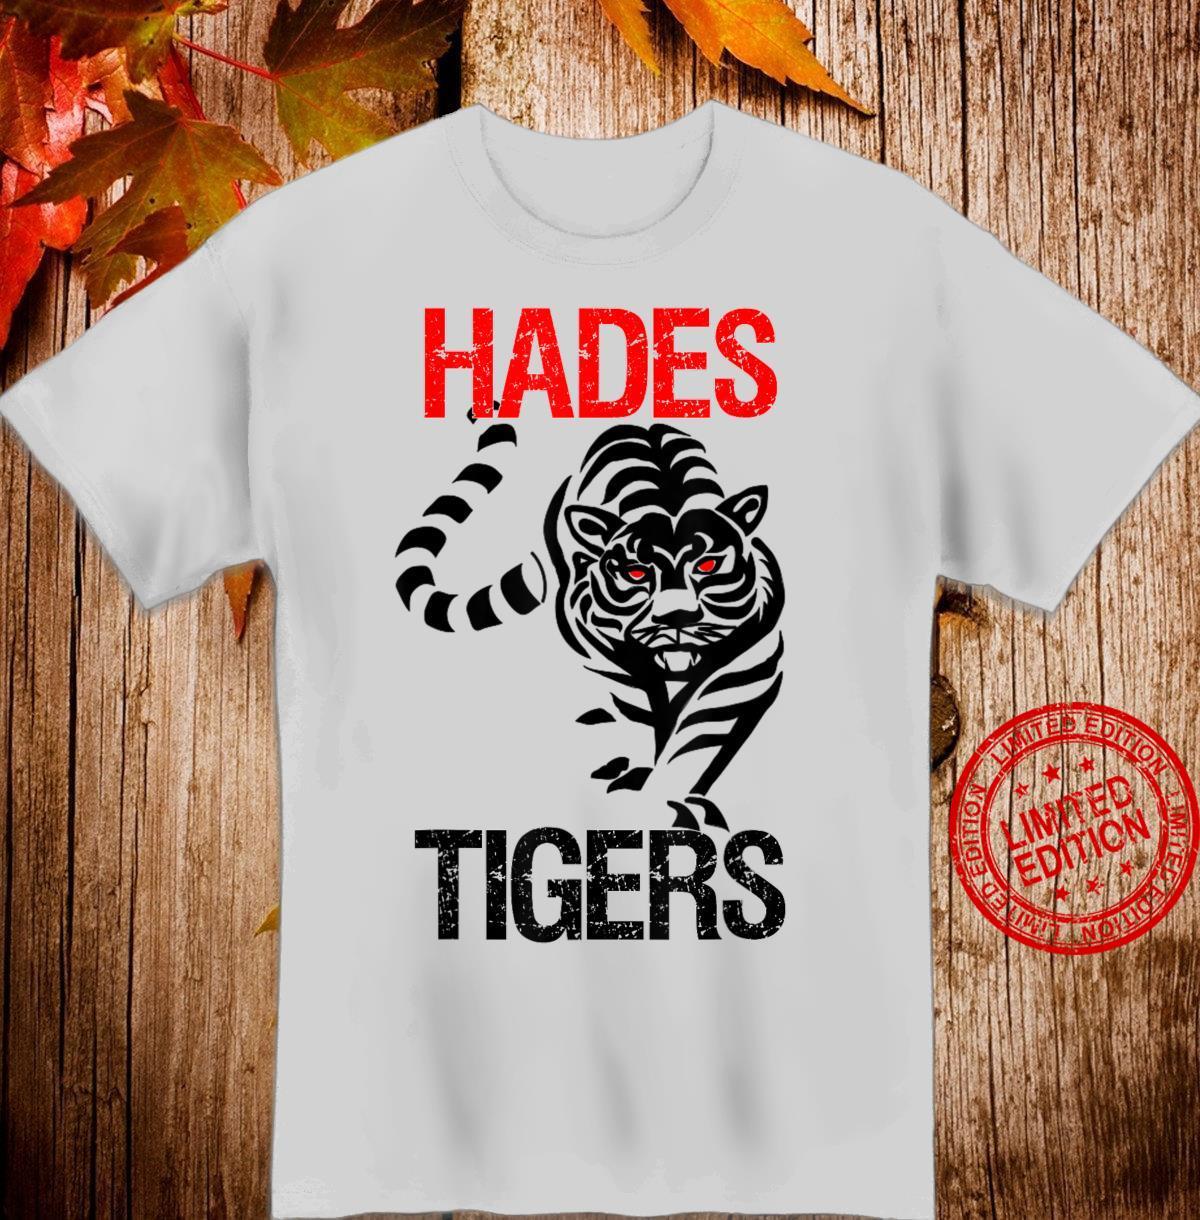 Hades Tigers Baseball Design and Shirt